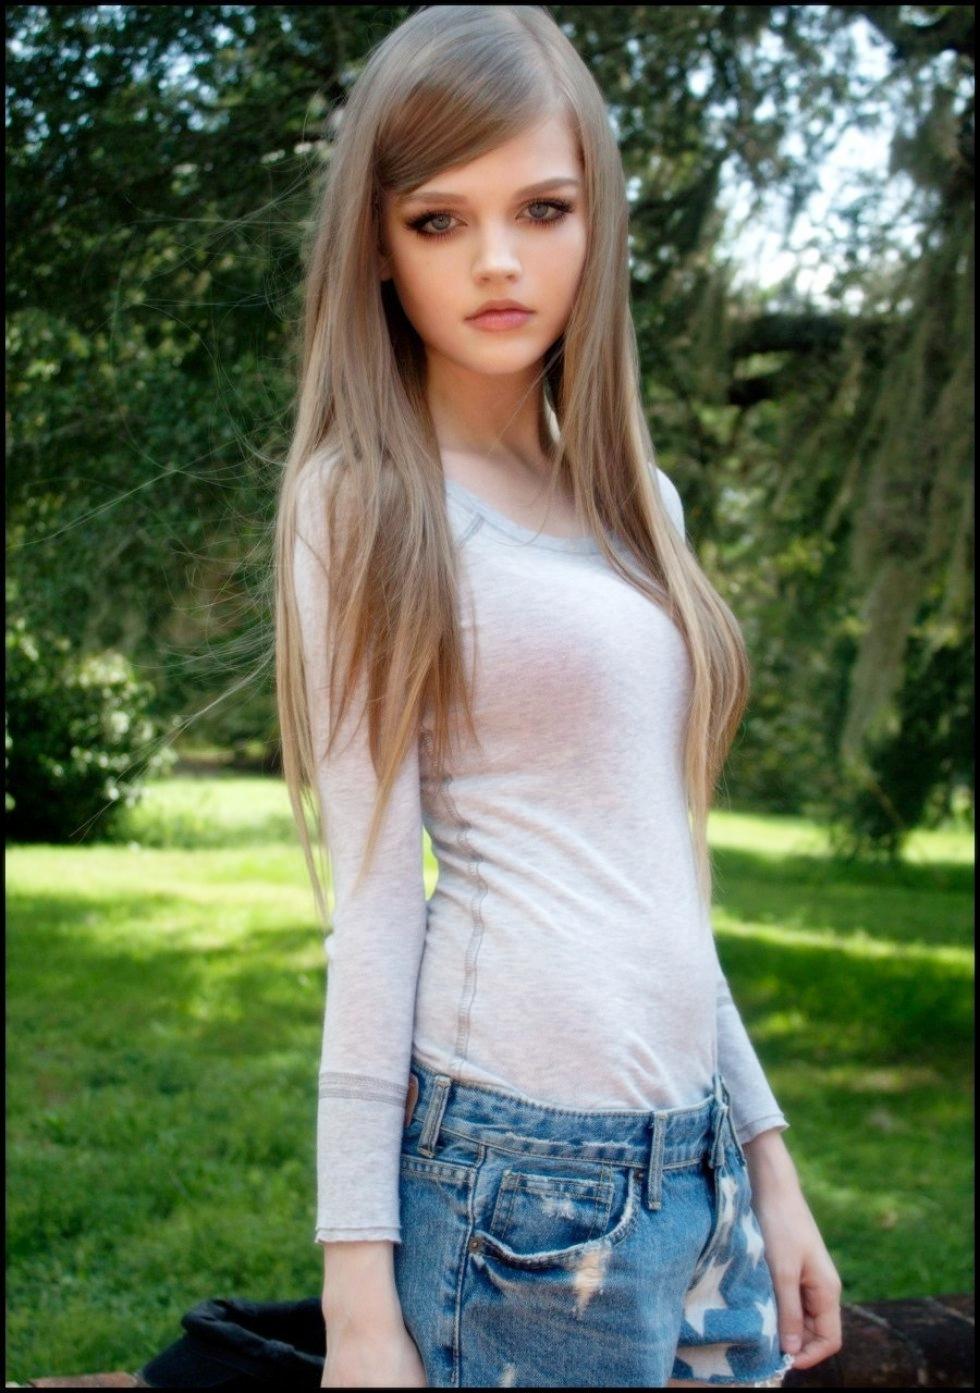 Фото порно девочки до 18 лет русское 15 фотография